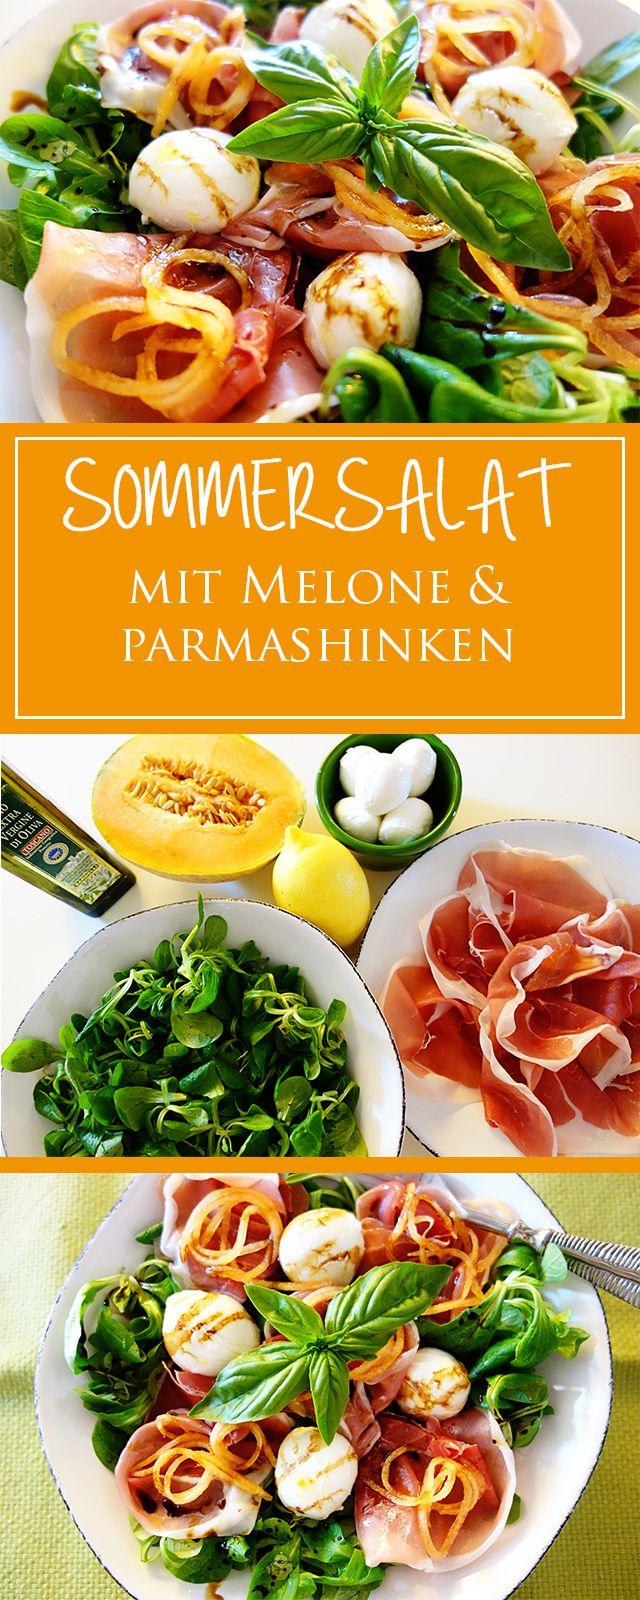 Sommersalat mit Melone & Parmaschinken - ein einfaches & schnelles Rezept für ein leichtes Essen. Zudem glutenfrei, gesund & lecker  | cucina-con-amore.de